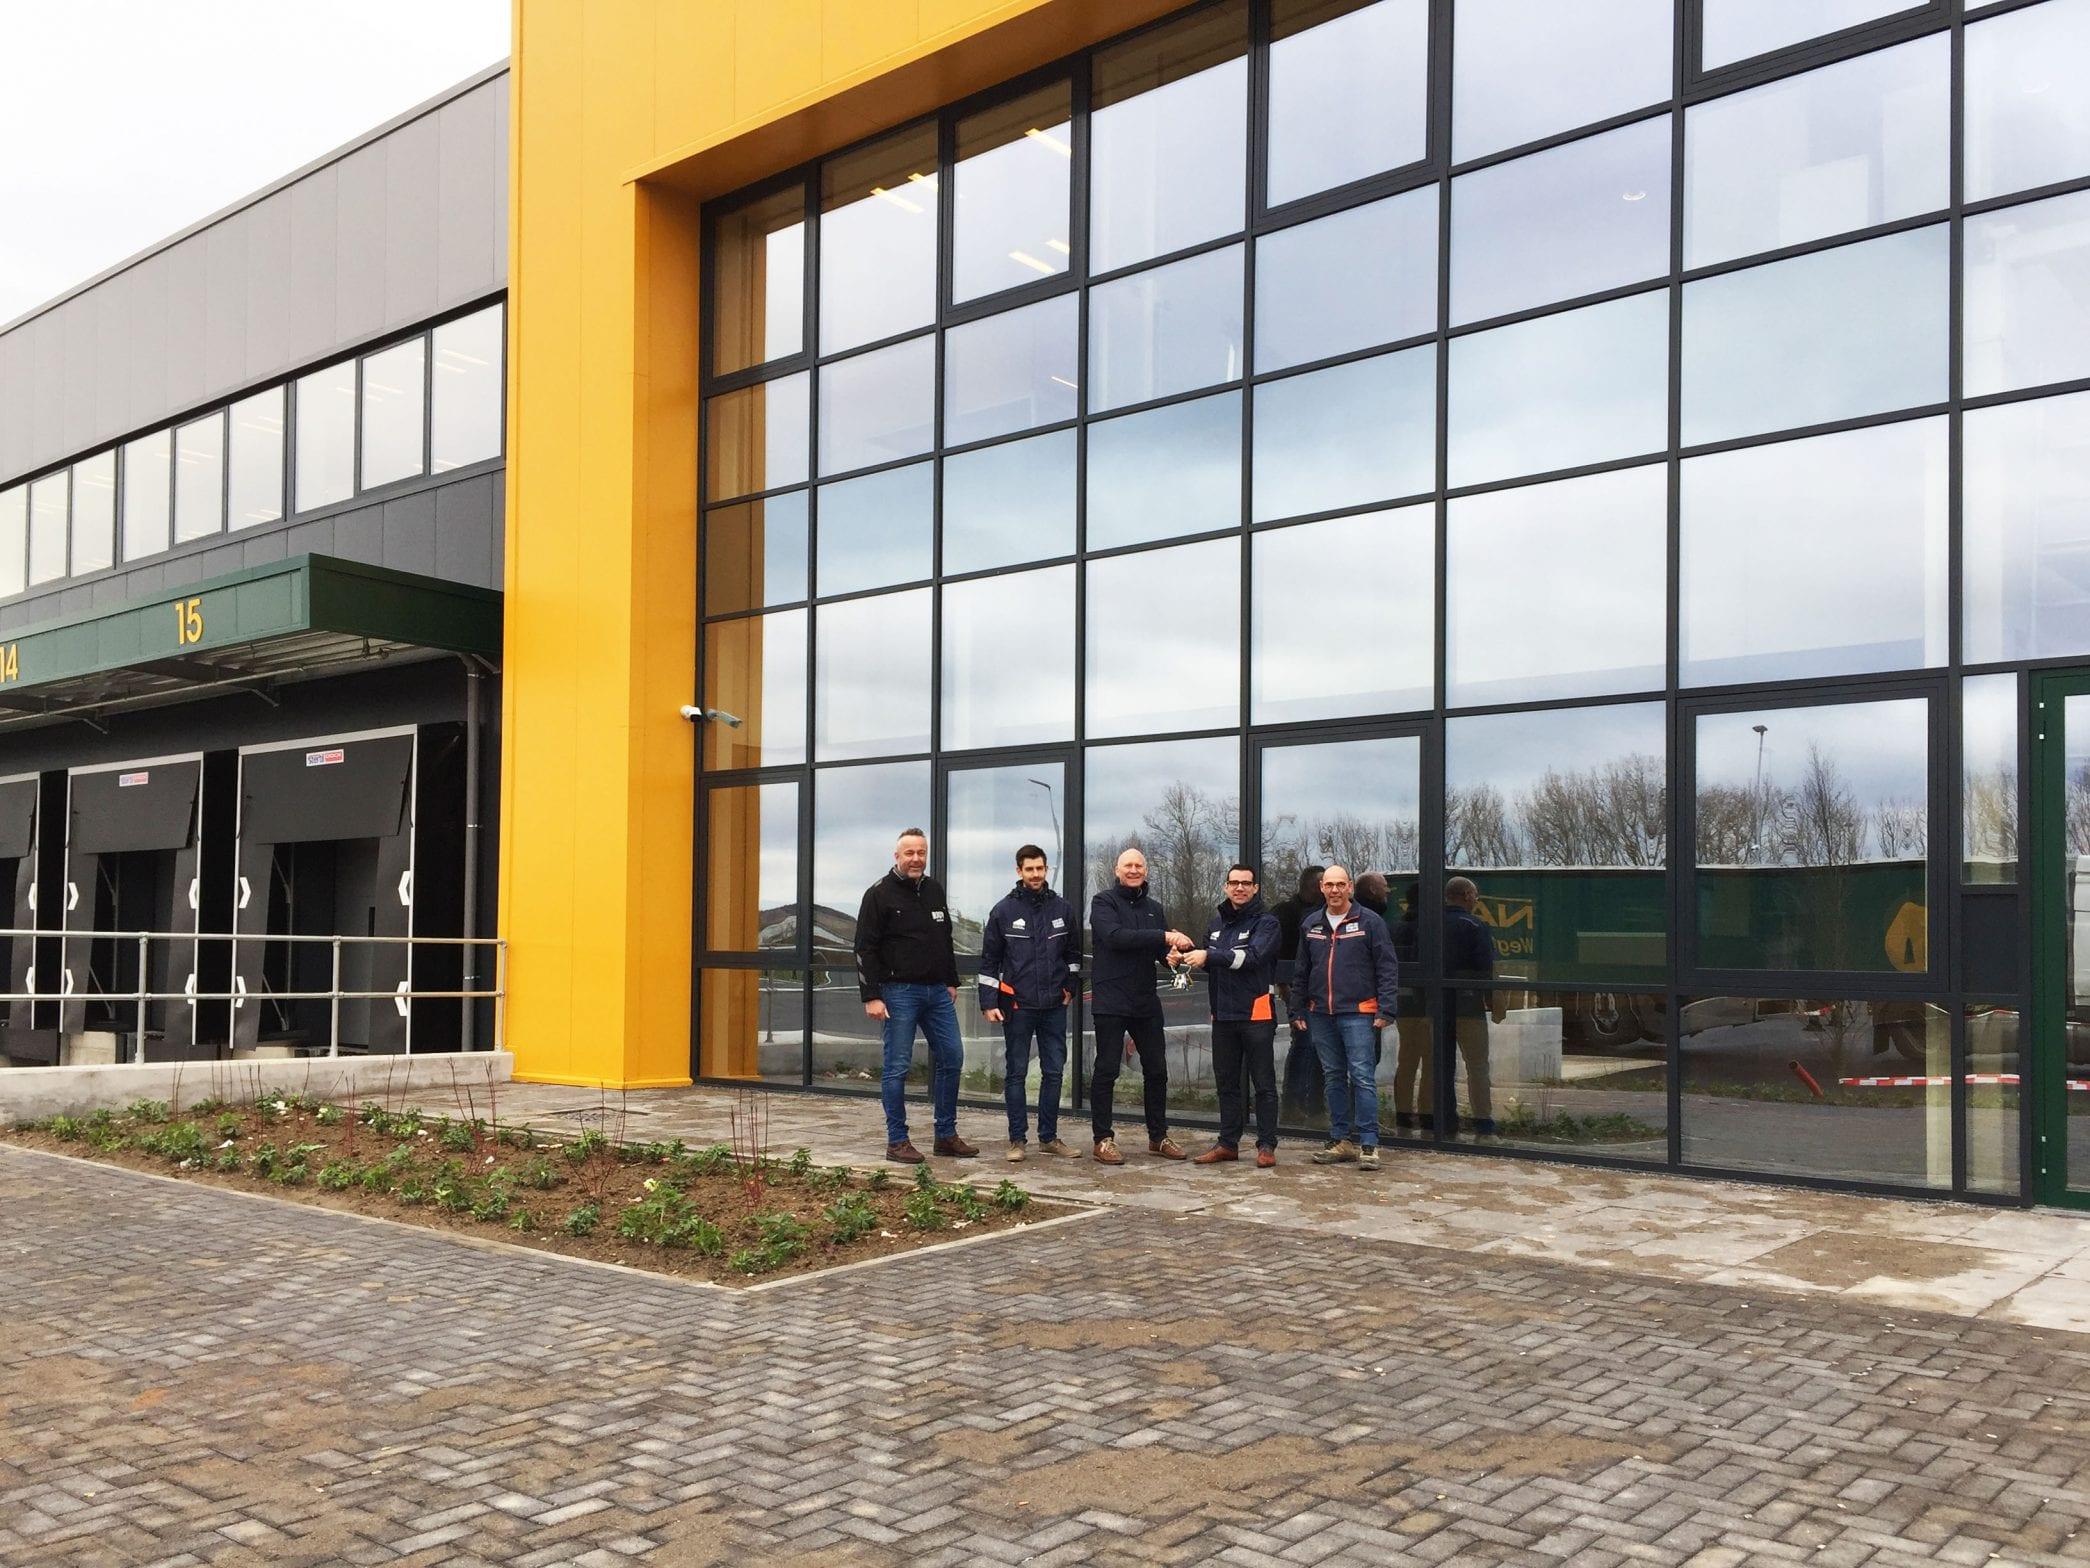 Bezorgservice distributiecentrum Sligro Maastricht opgeleverd